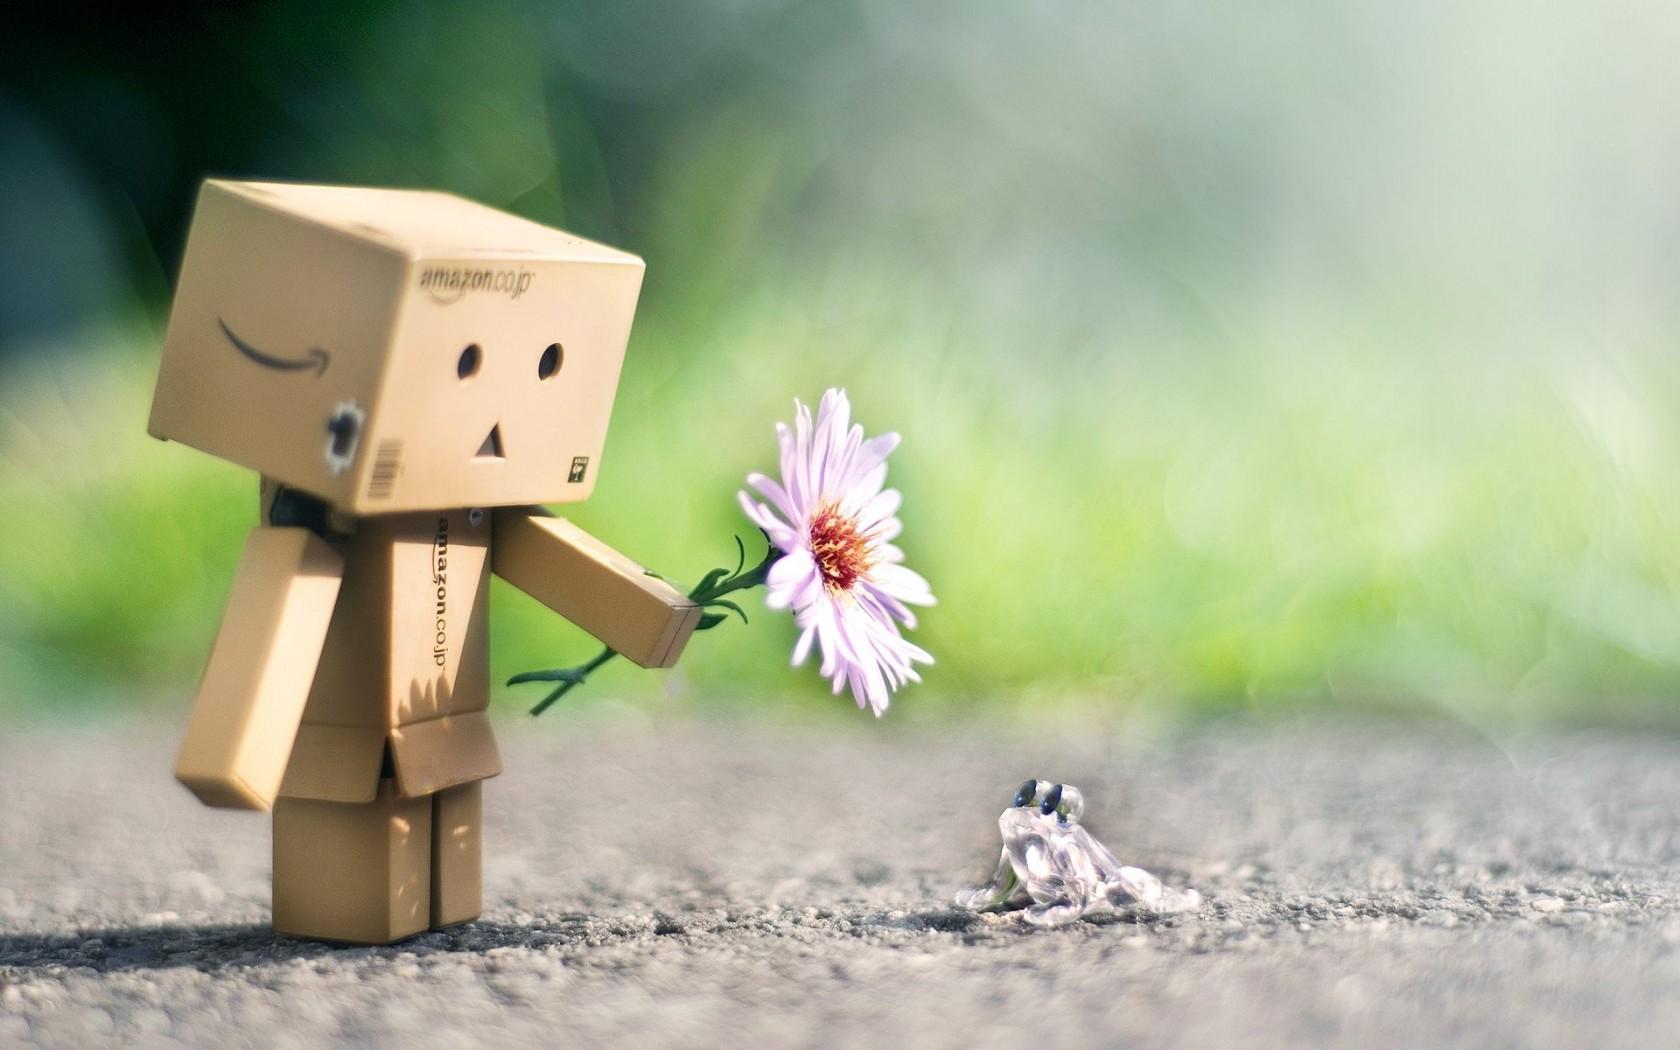 Hình ảnh người gỗ cầm hoa tặng ếch